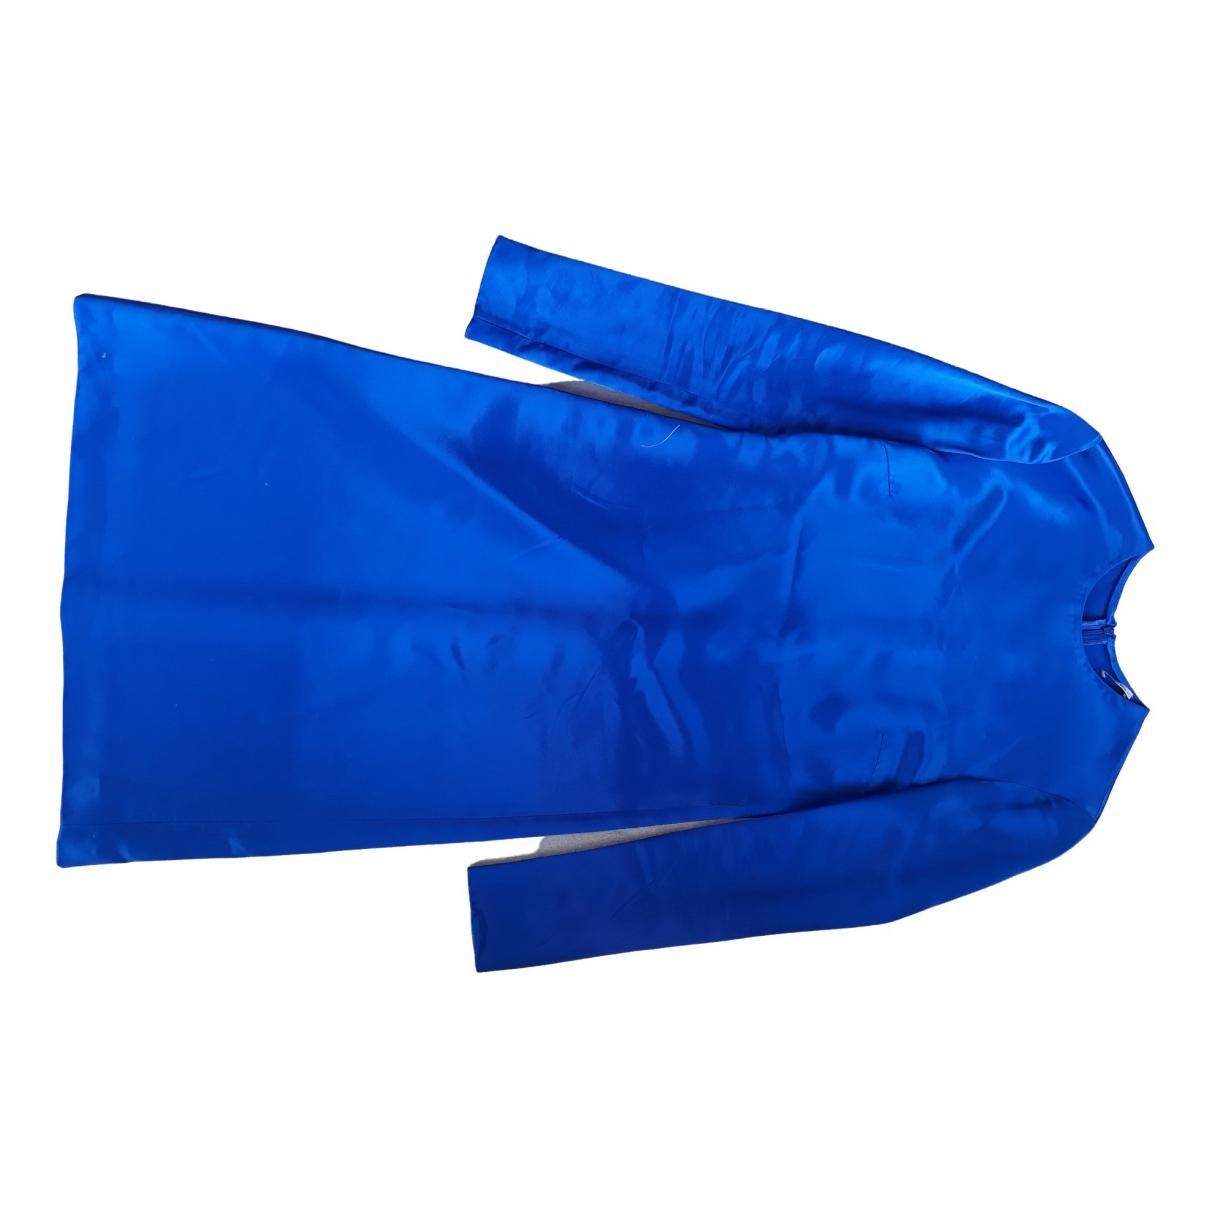 Miu Miu \N Blue dress for Women 40 IT